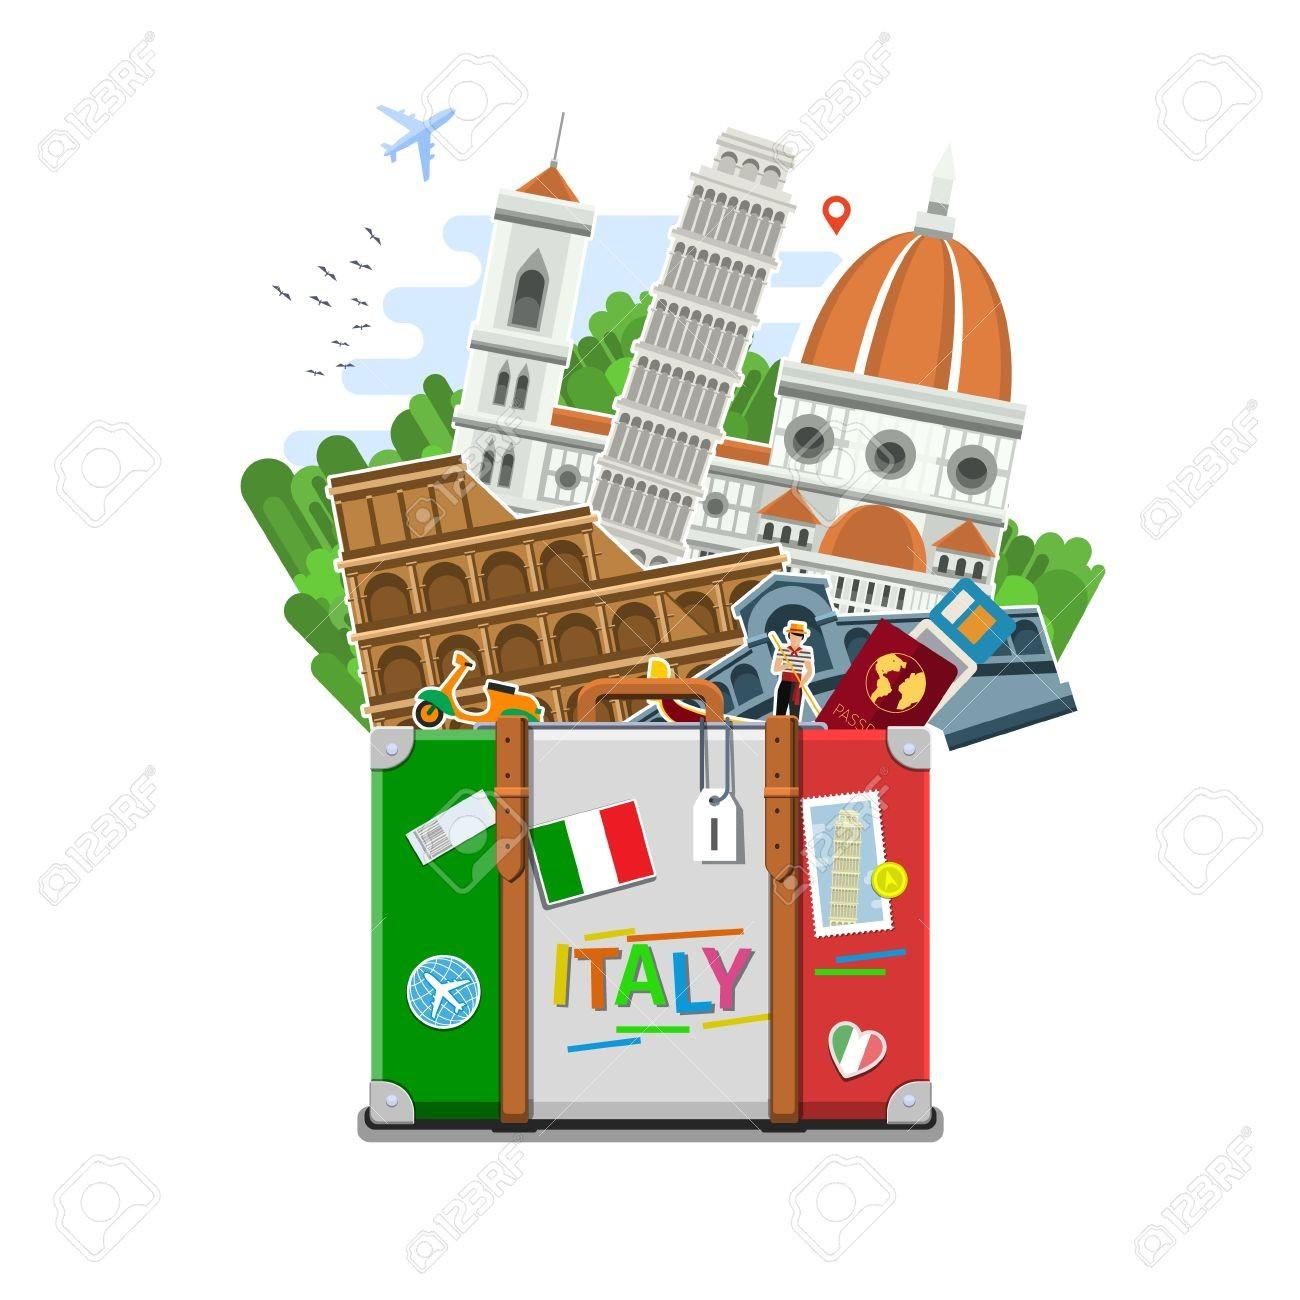 Italien facile (5)